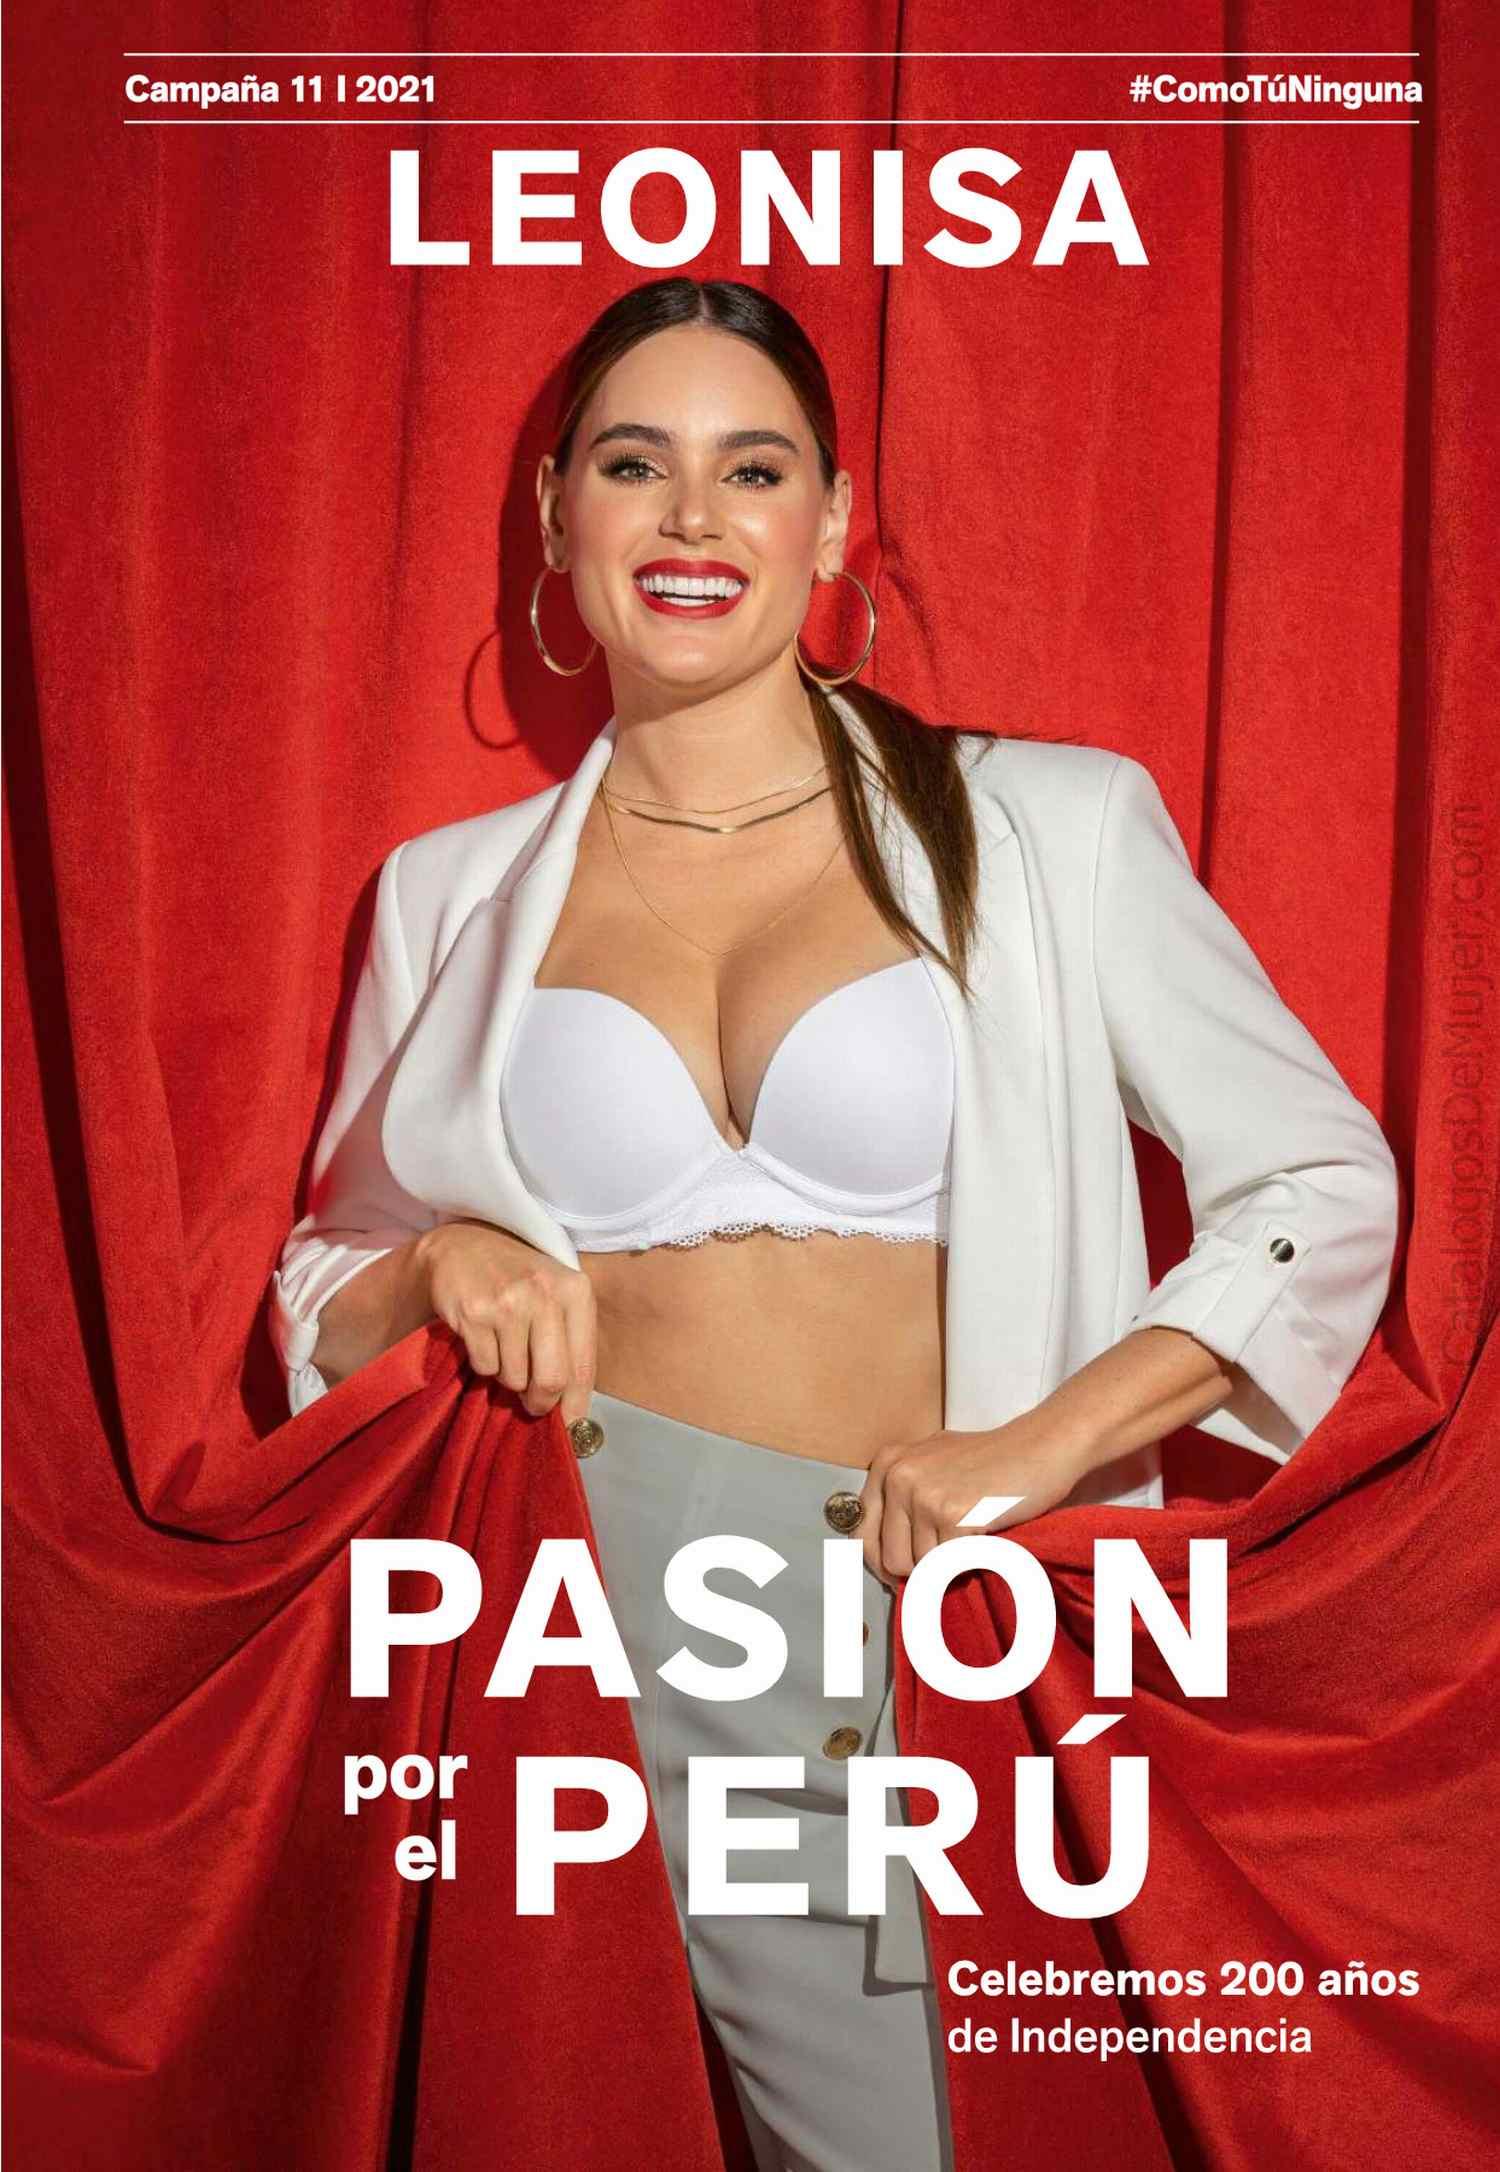 Catálogo Leonisa Campaña 11 2021 Perú